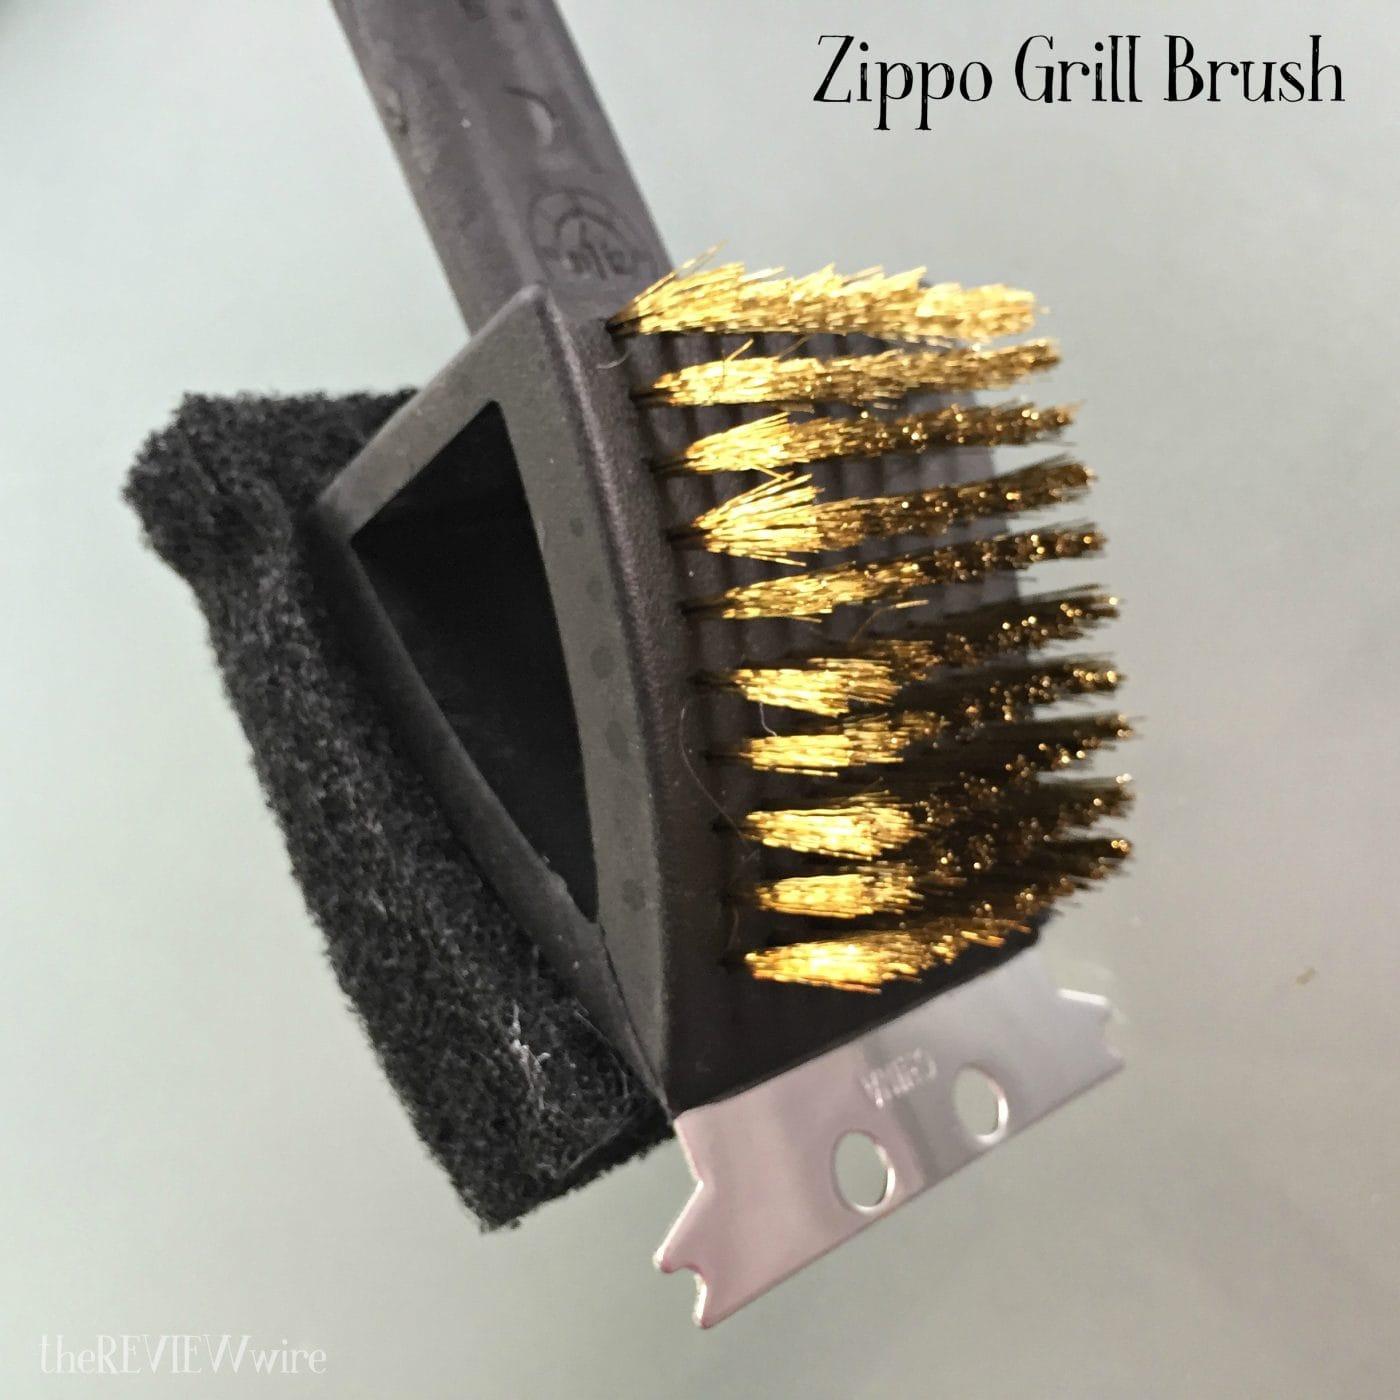 Zippo Grill Brush